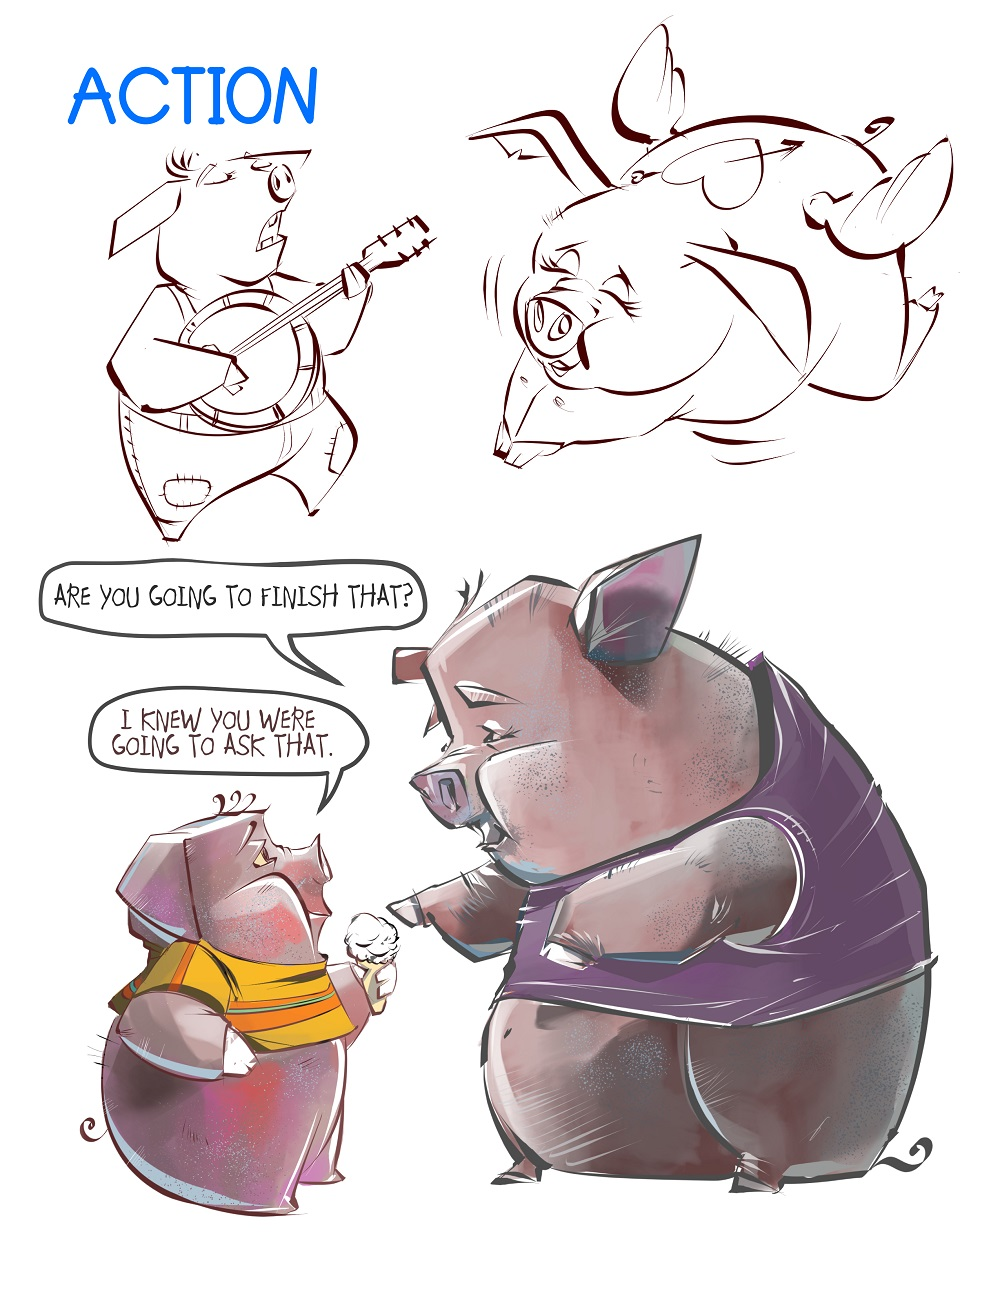 Piggy_006.jpg